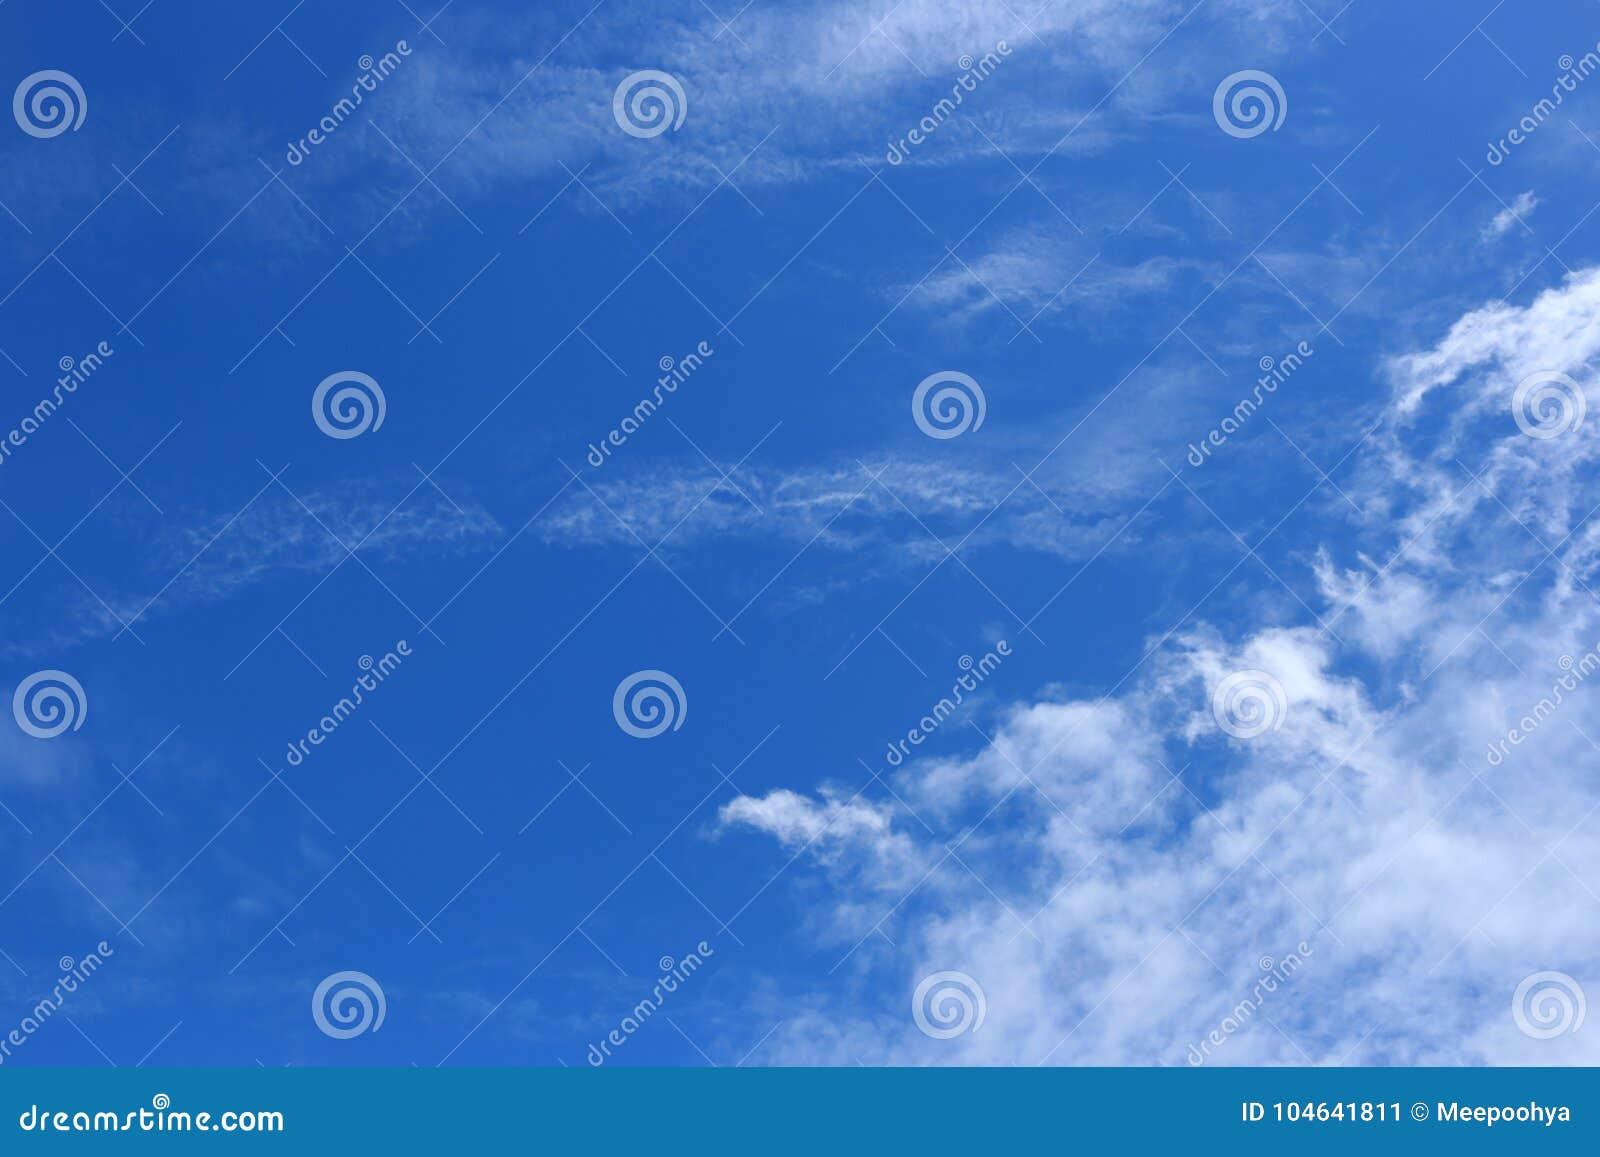 Download Wolk Op Blauwe Hemel In De Dag Stock Afbeelding - Afbeelding bestaande uit ozon, cumulus: 104641811